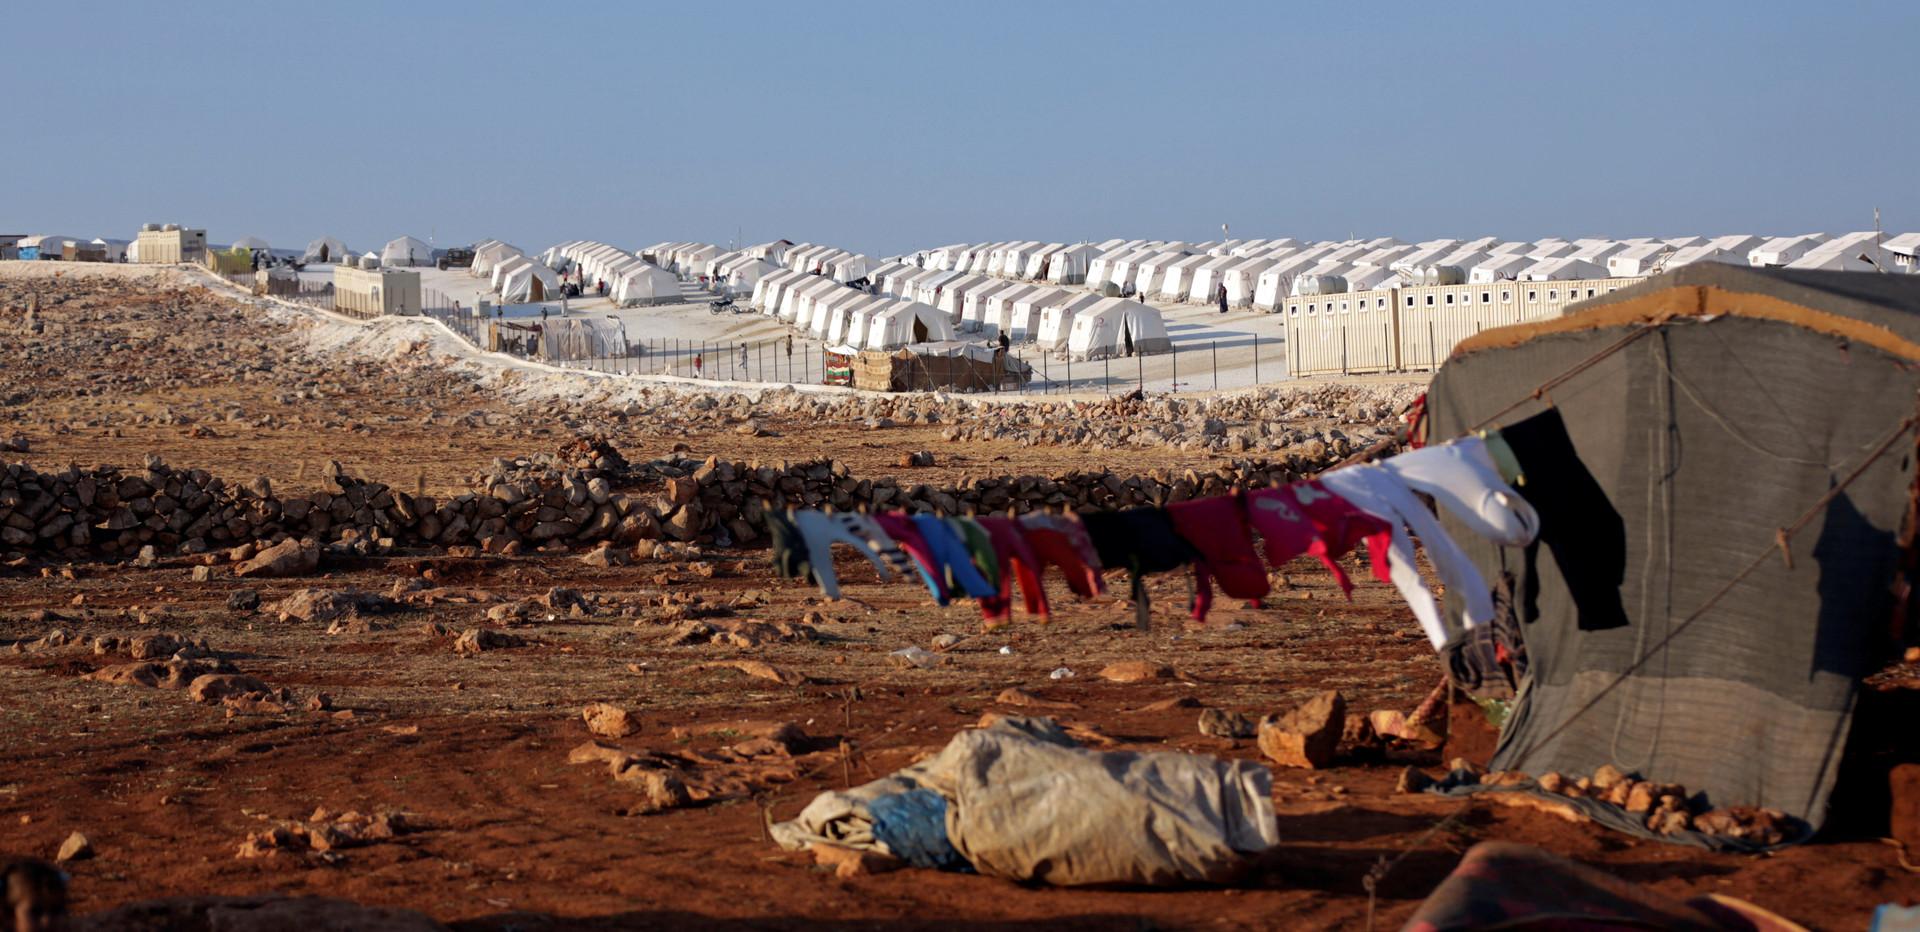 الدفاع الروسية: واشنطن تتبع سياسة معسكرات الاعتقال في مخيم الركبان